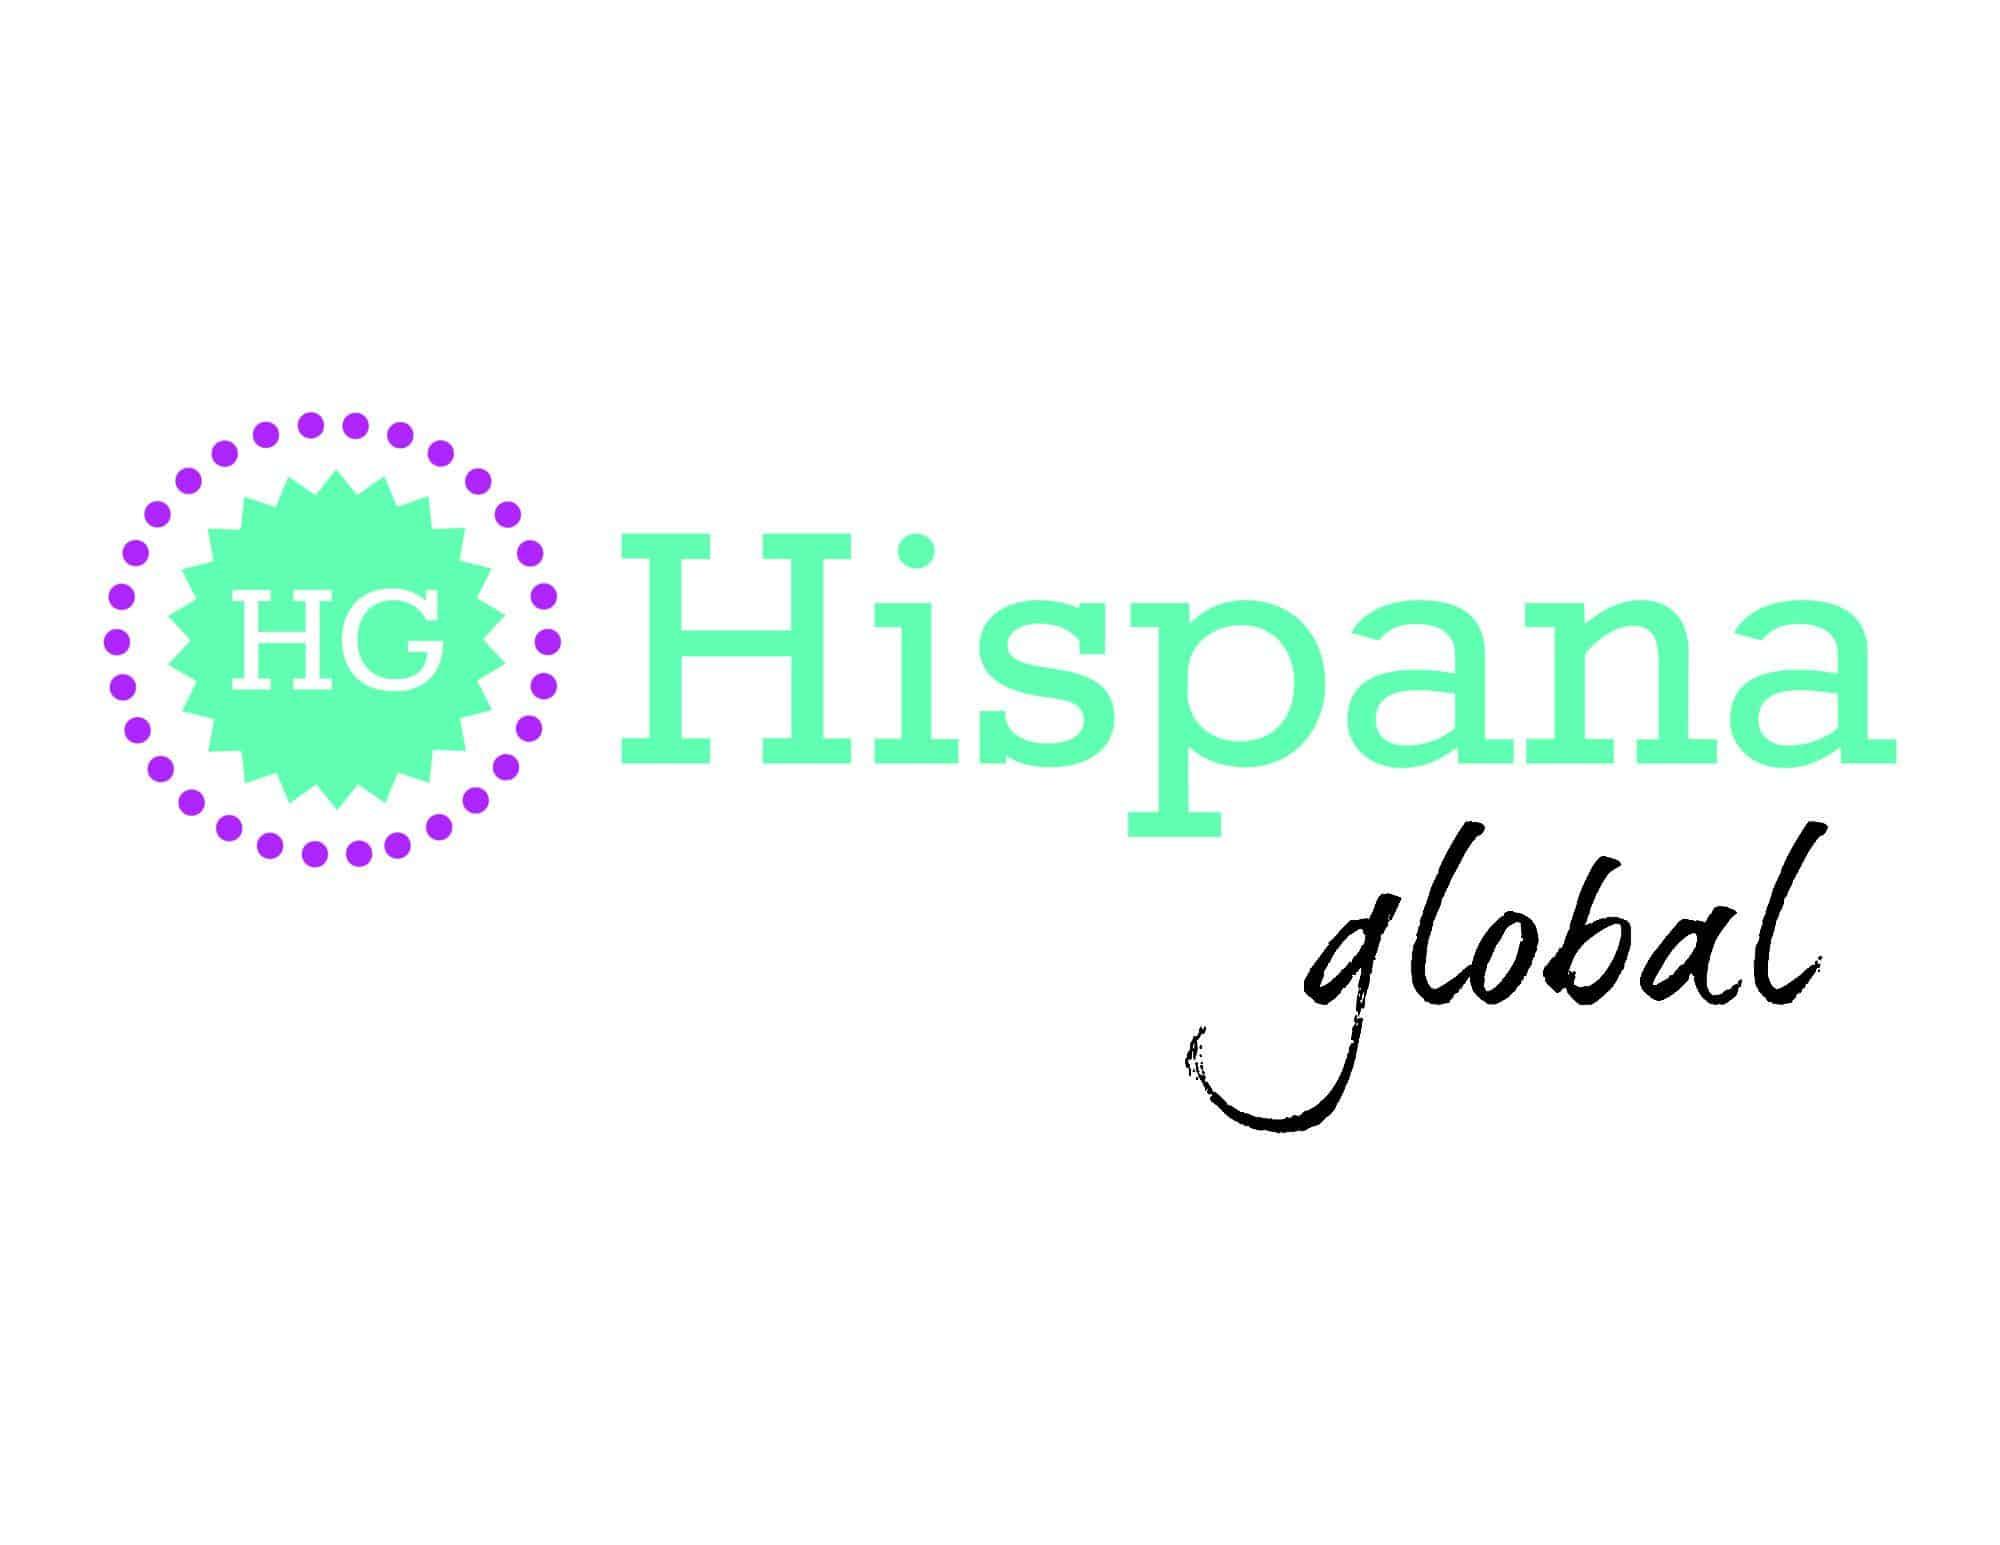 Hispana Global